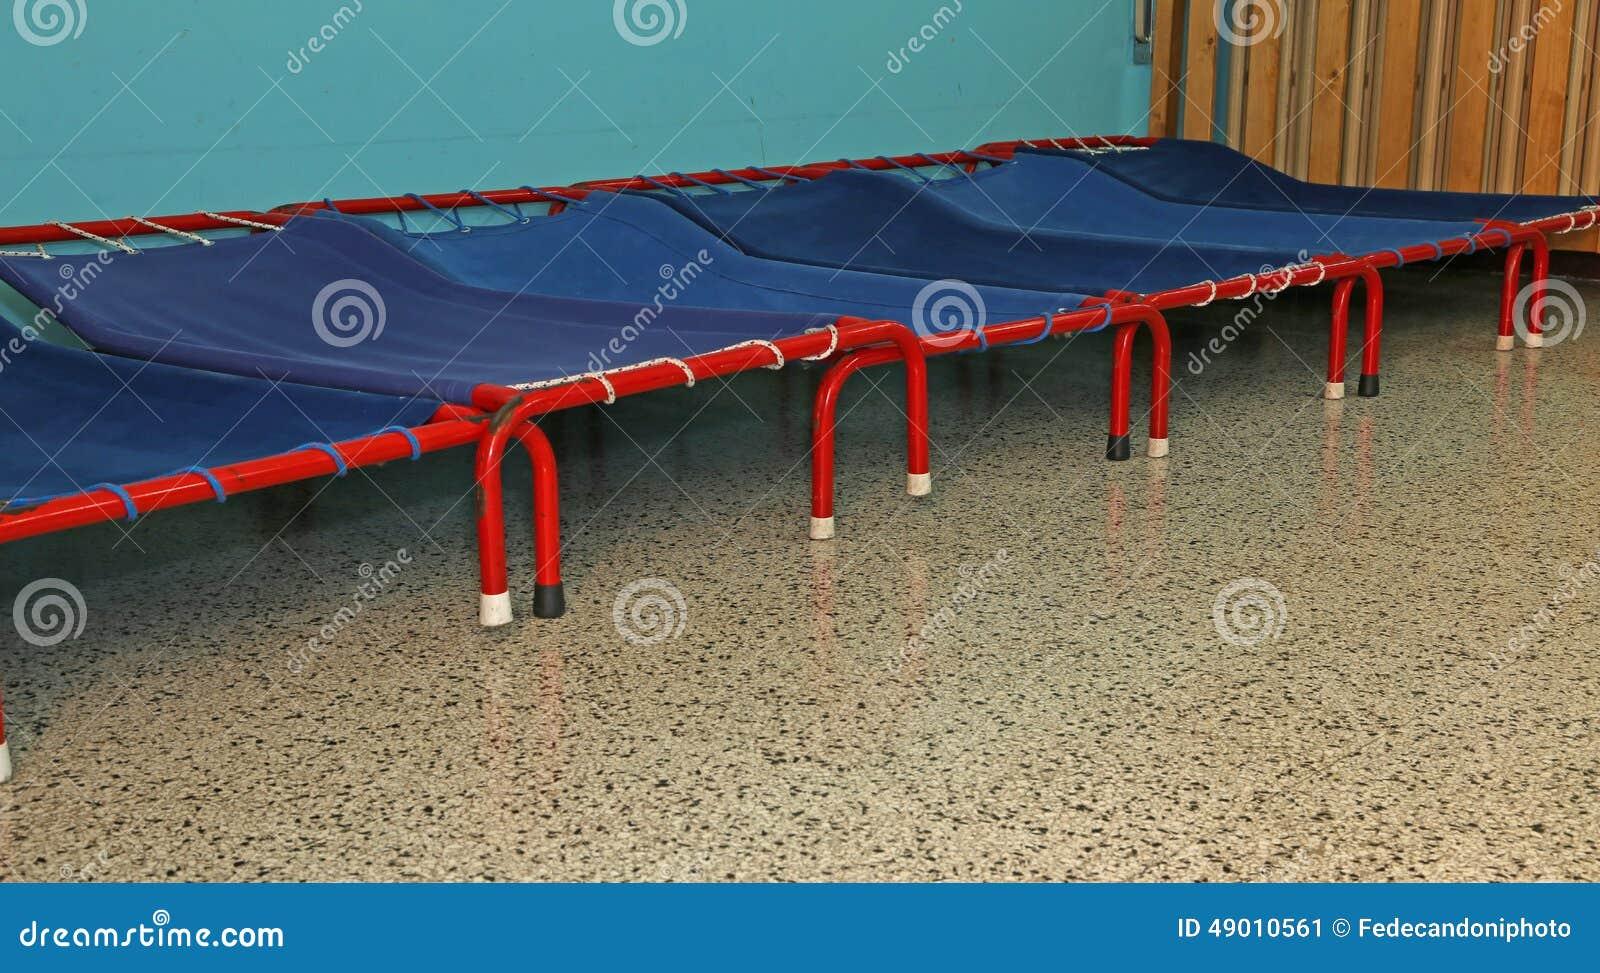 petits lits d 39 un dortoir des enfants de jardin d 39 enfants image stock image du l mentaire. Black Bedroom Furniture Sets. Home Design Ideas